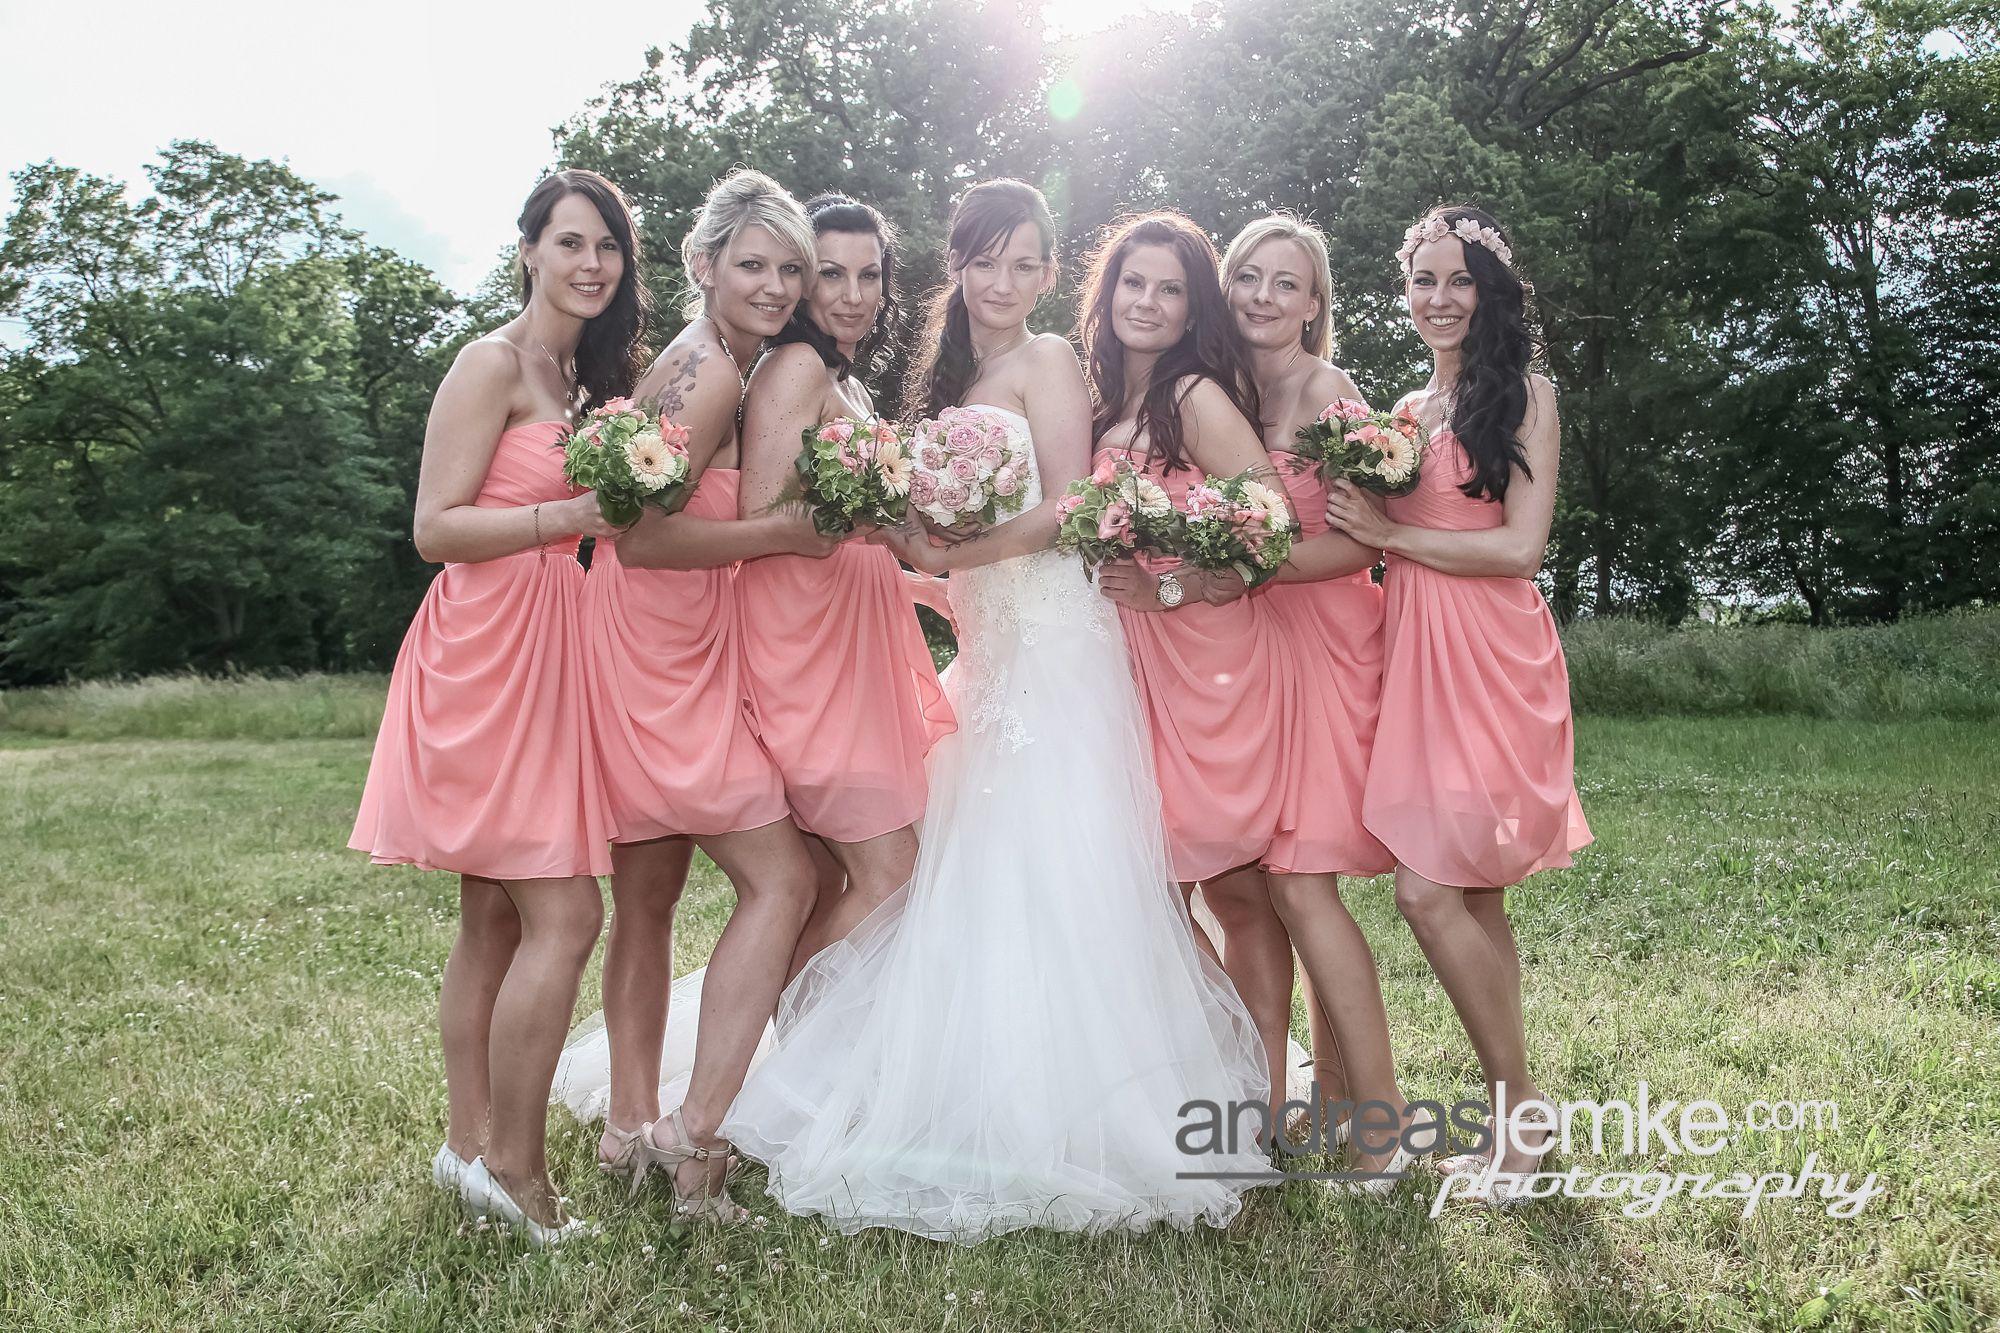 All the Bridesmaids für www.andreaslemke.com #hochzeitsfotograf #hochzeitsfotografberlin #weddingphotographer #weddingphotographerberlin #hochzeitsfotos #weddingpics http://www.hochzeitsfotografie-berlin.org